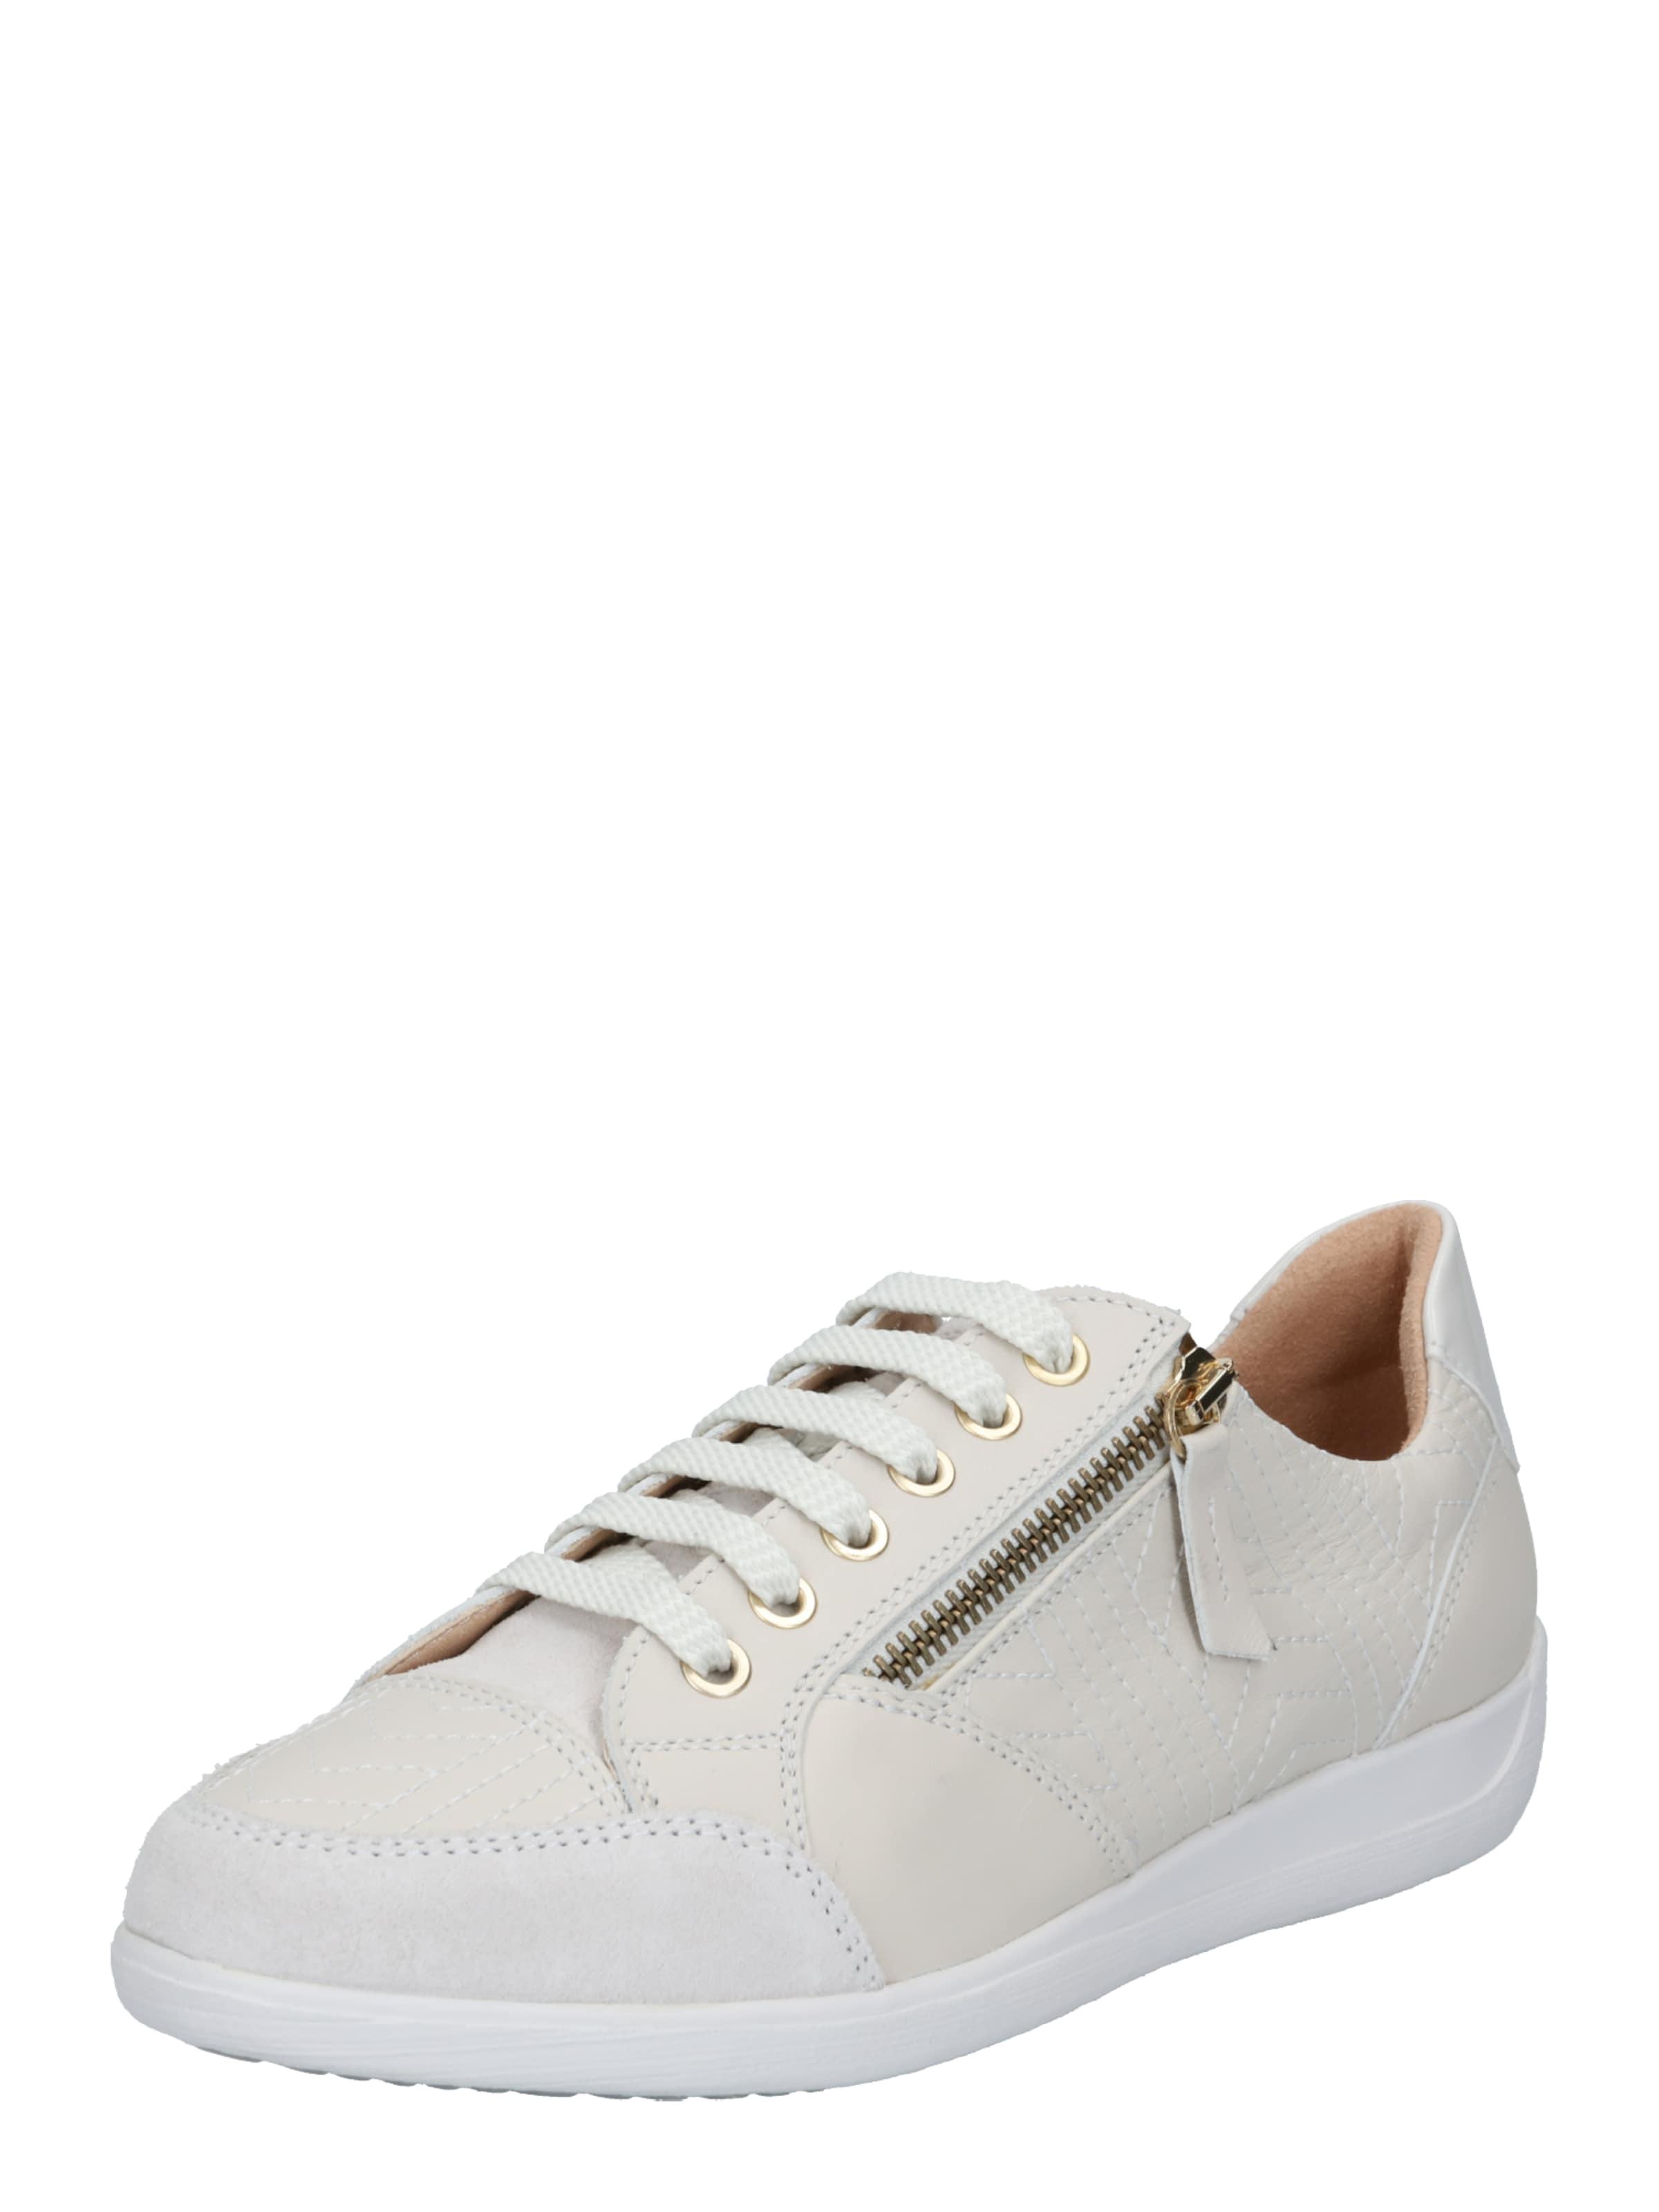 GEOX Rövid szárú edzőcipők 'Myria' fehér színben